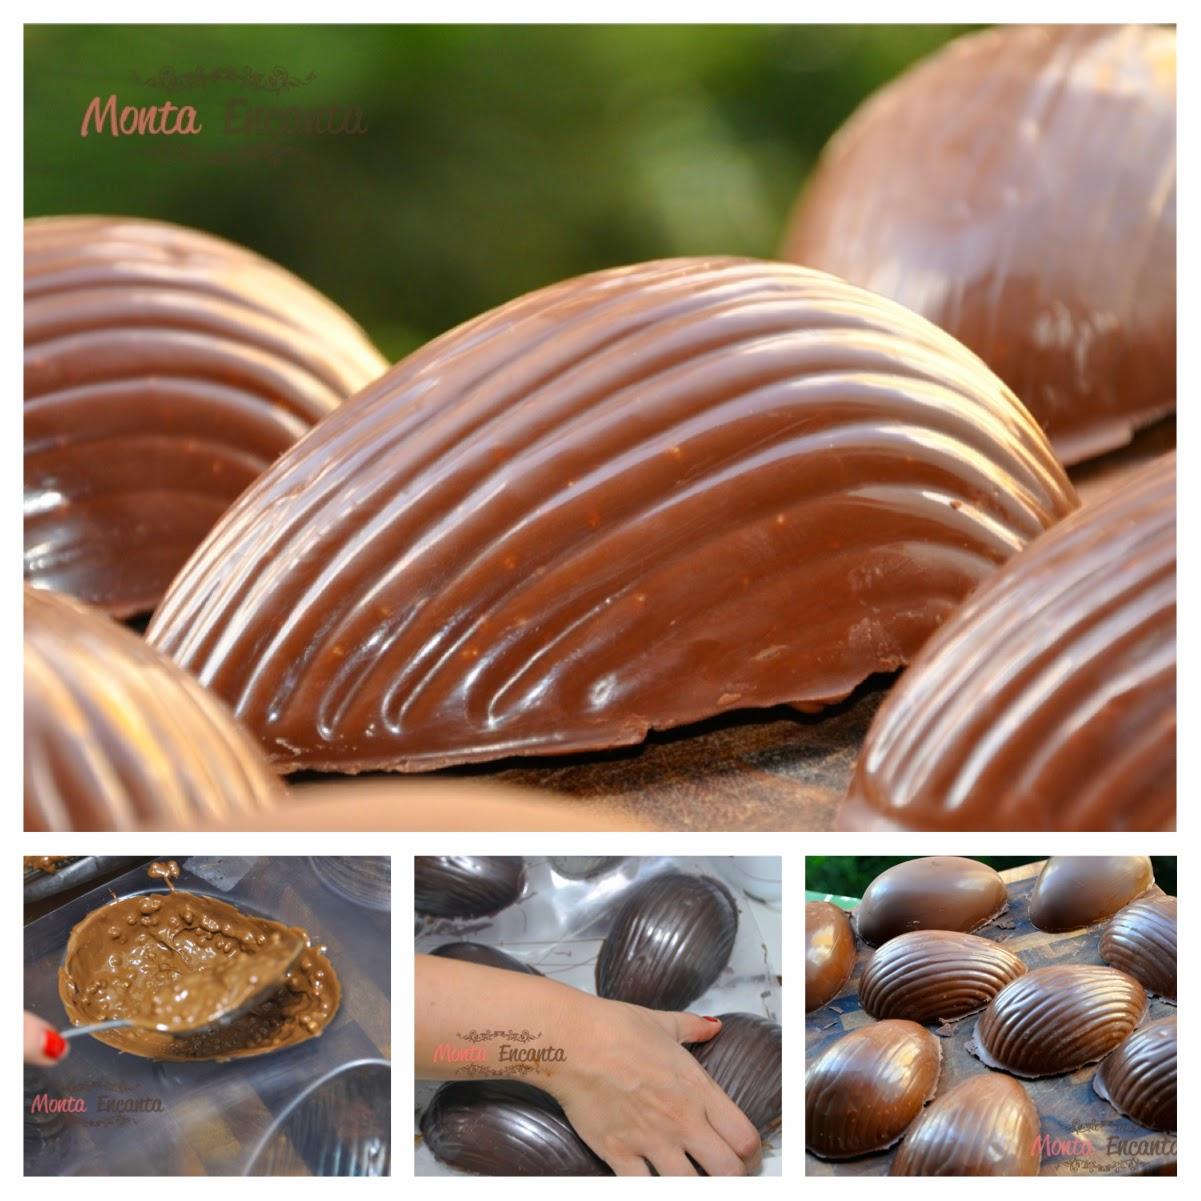 temperagem-chocolate-choque-termico-monta-encanta20